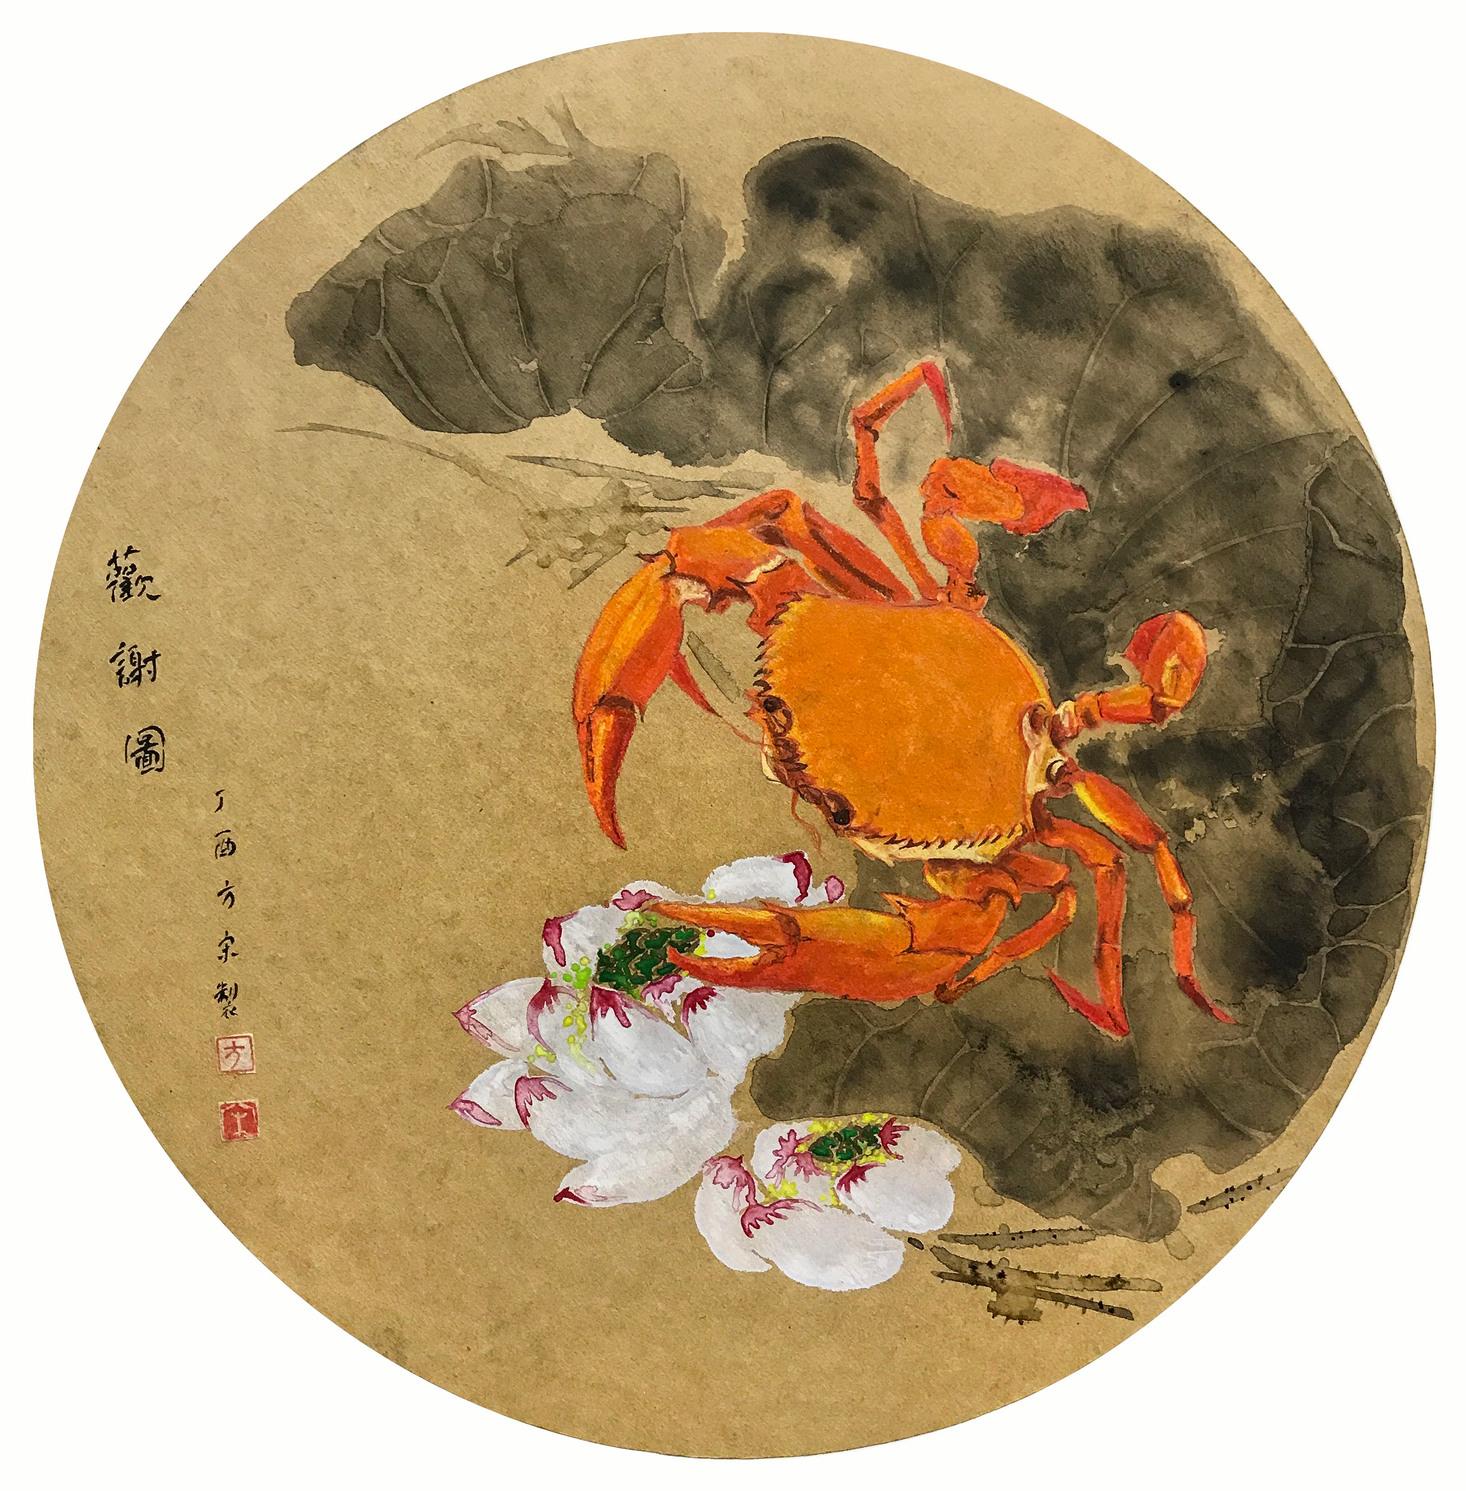 《欢谢图》38cm 岩彩纸本设色 团扇 2017年